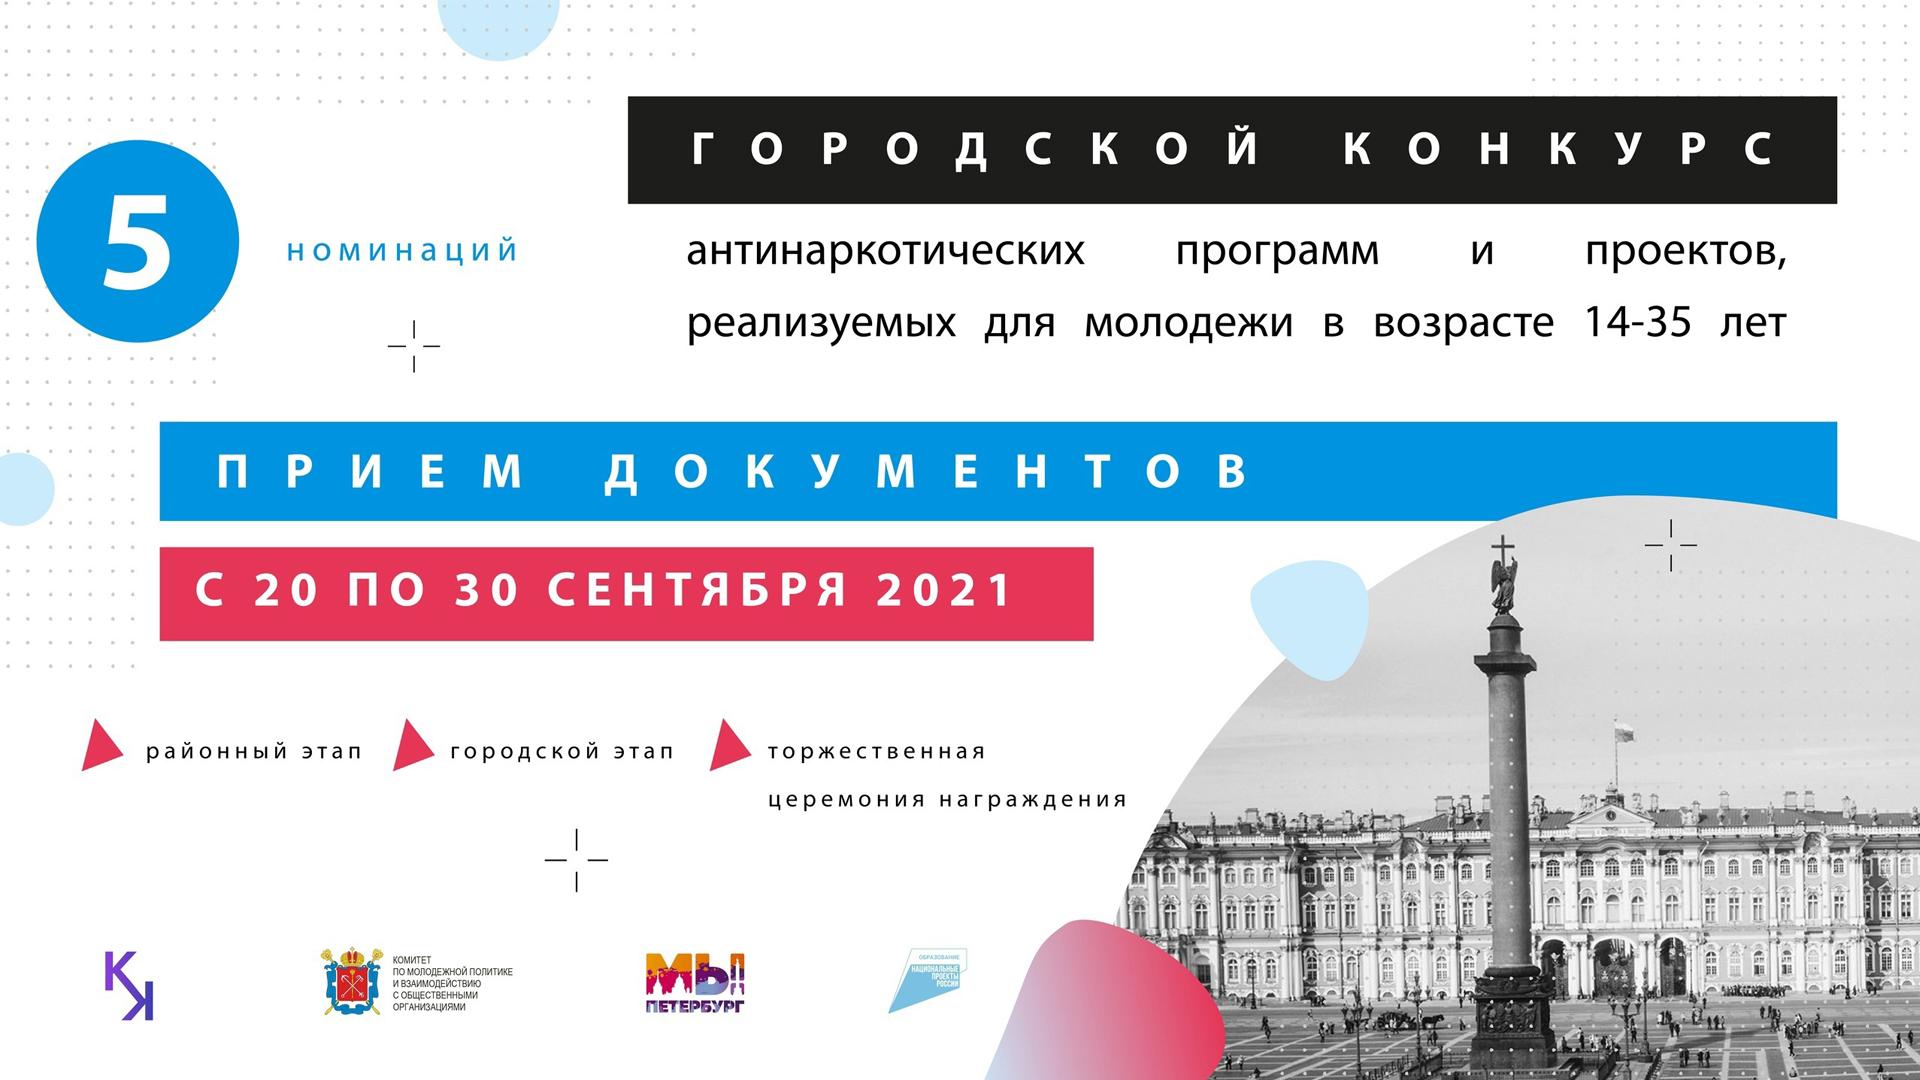 КОНКУРС АНТИНАРКОТИЧЕСКИХ ПРОГРАММ И ПРОЕКТОВ 2021